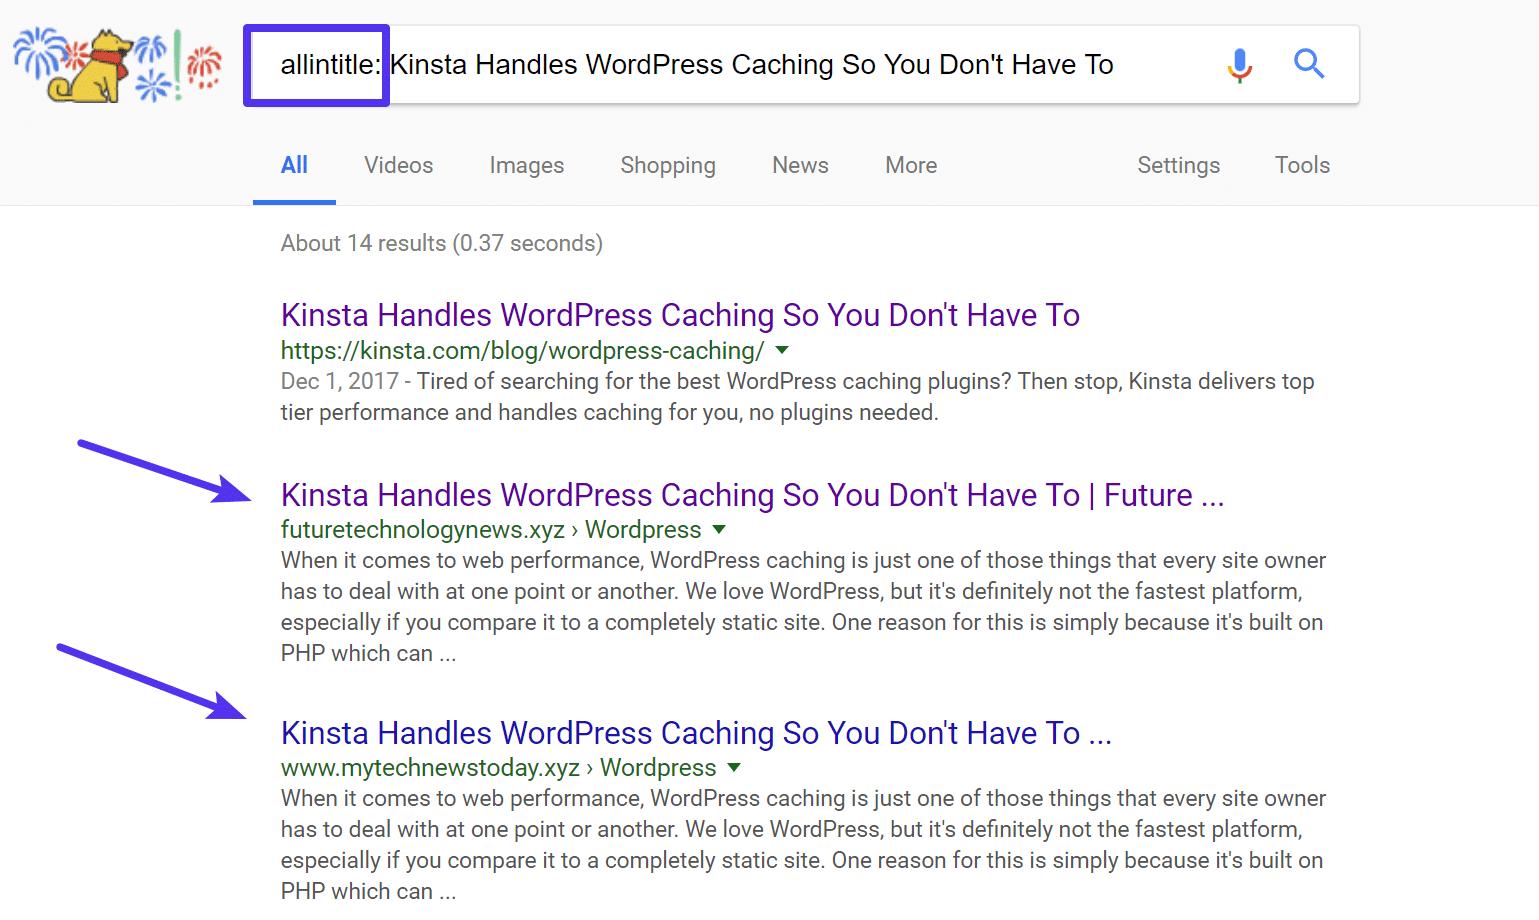 Google mit allintitle tag durchsuchen